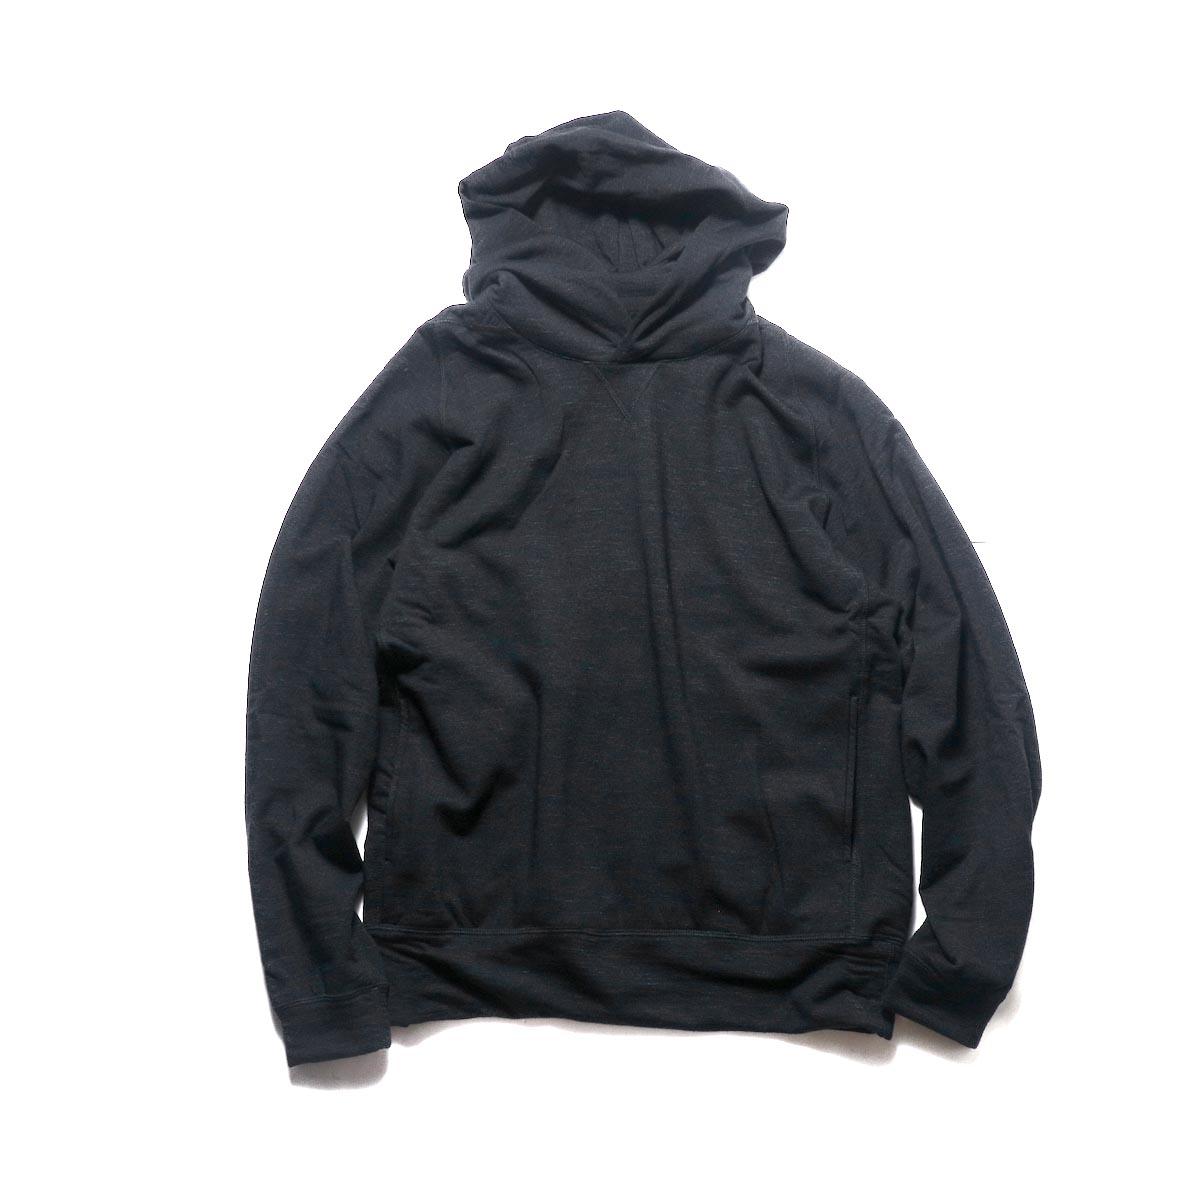 nonnative / DWELLER HOODY W/N/P HEAVY JERSEY Mt.Breath Wool® (Black)